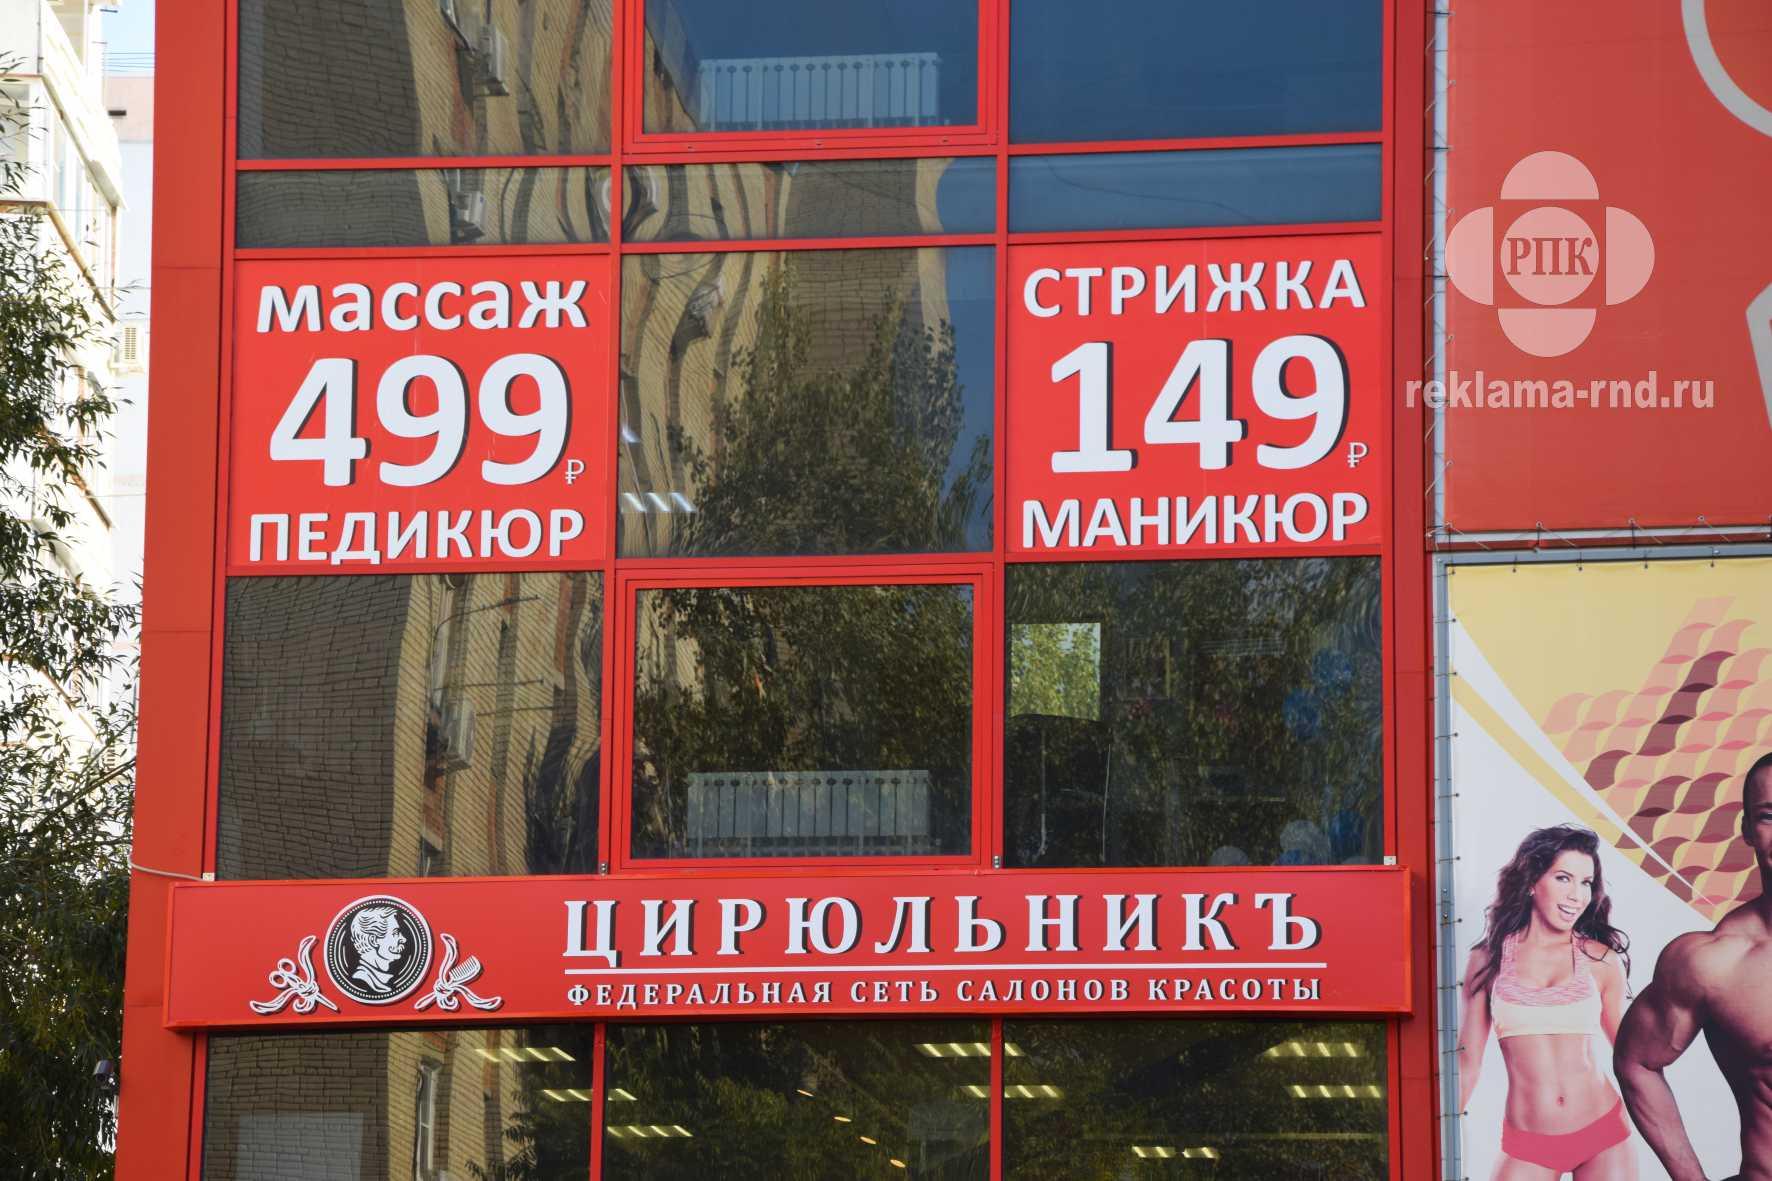 Фотография светового короба для салона красоты в Ростове на Дону, монтаж производился на высоте 6 метров.